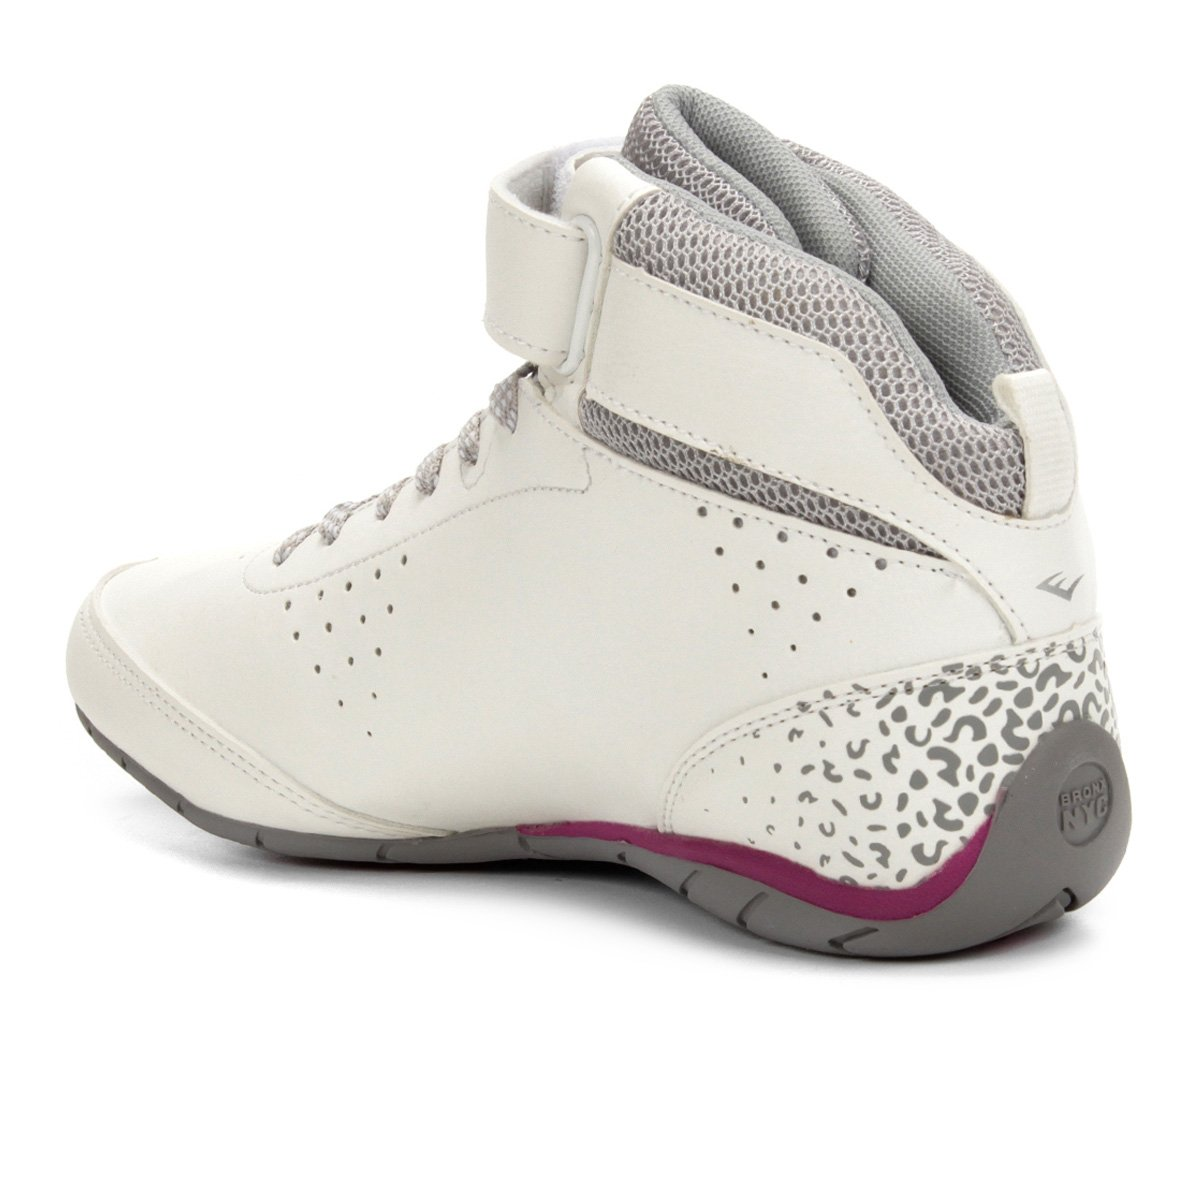 Tênis Everlast Jump III Feminino - Branco e Roxo - Compre Agora ... a0a11c080f56e